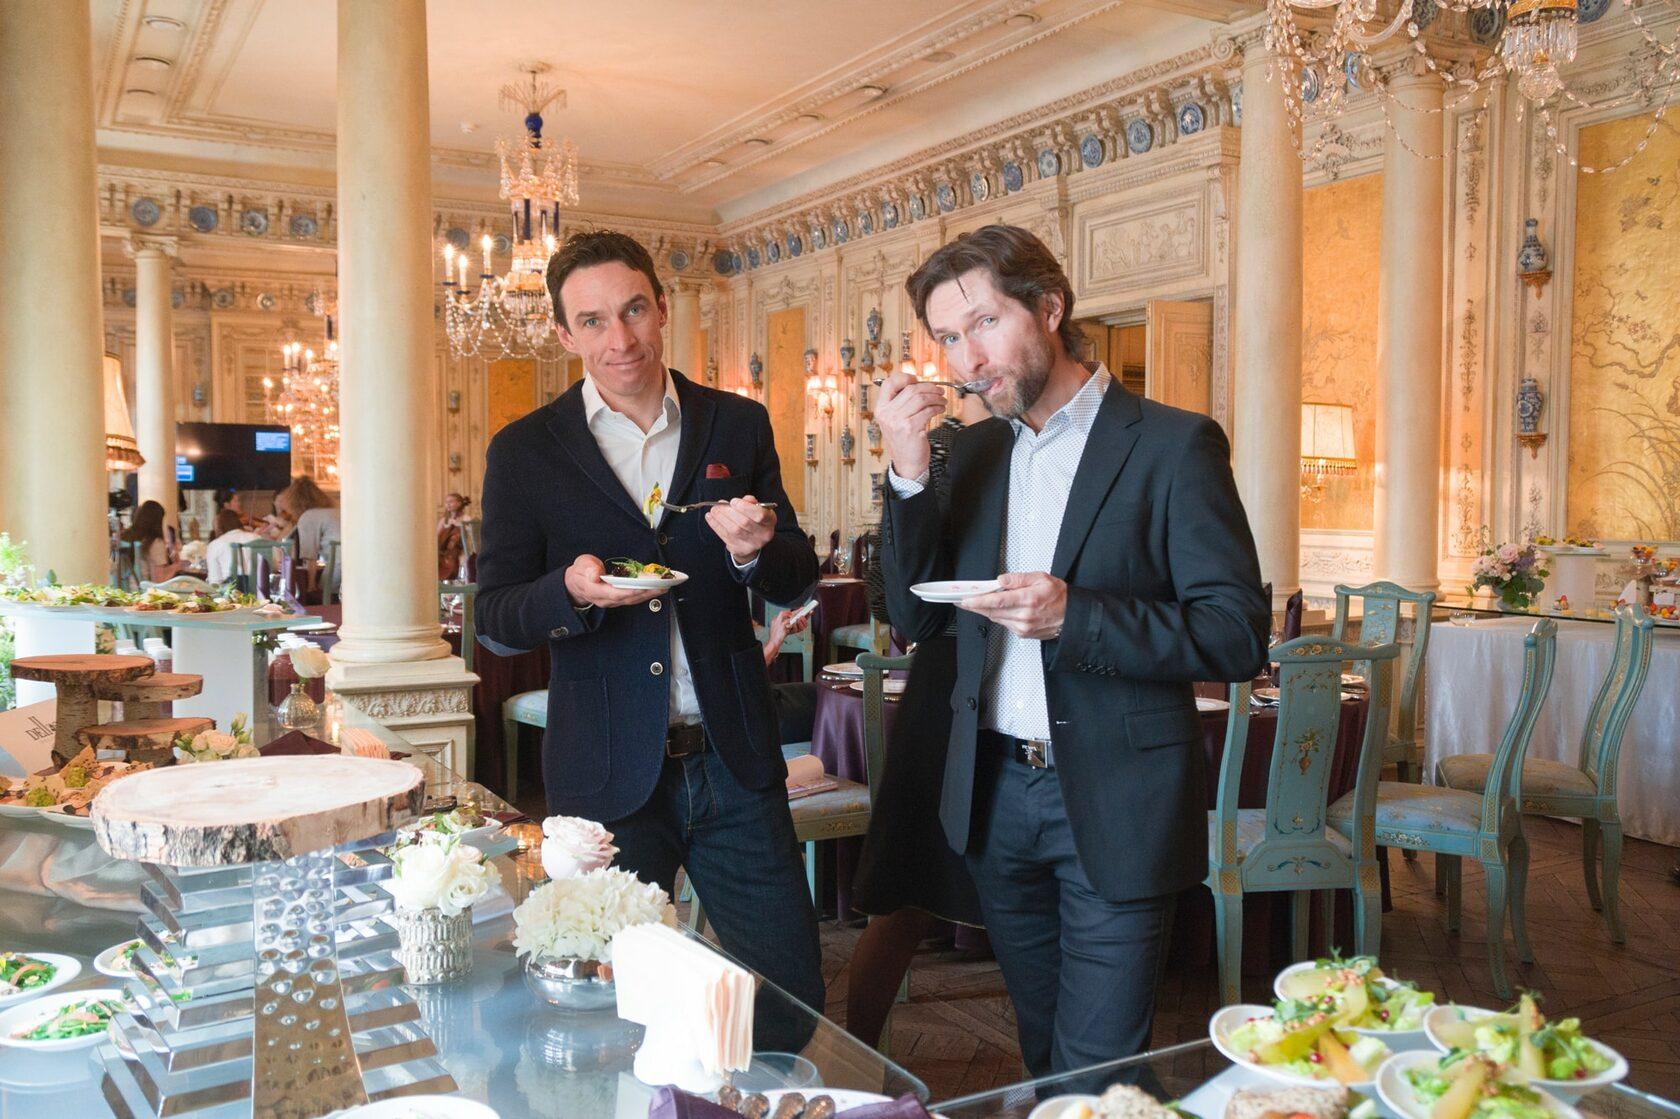 Сооснователи PRO TRENER - Андрей Жуков и Антон Феоктистов на пресс-завтраке в ресторане «Турандот»